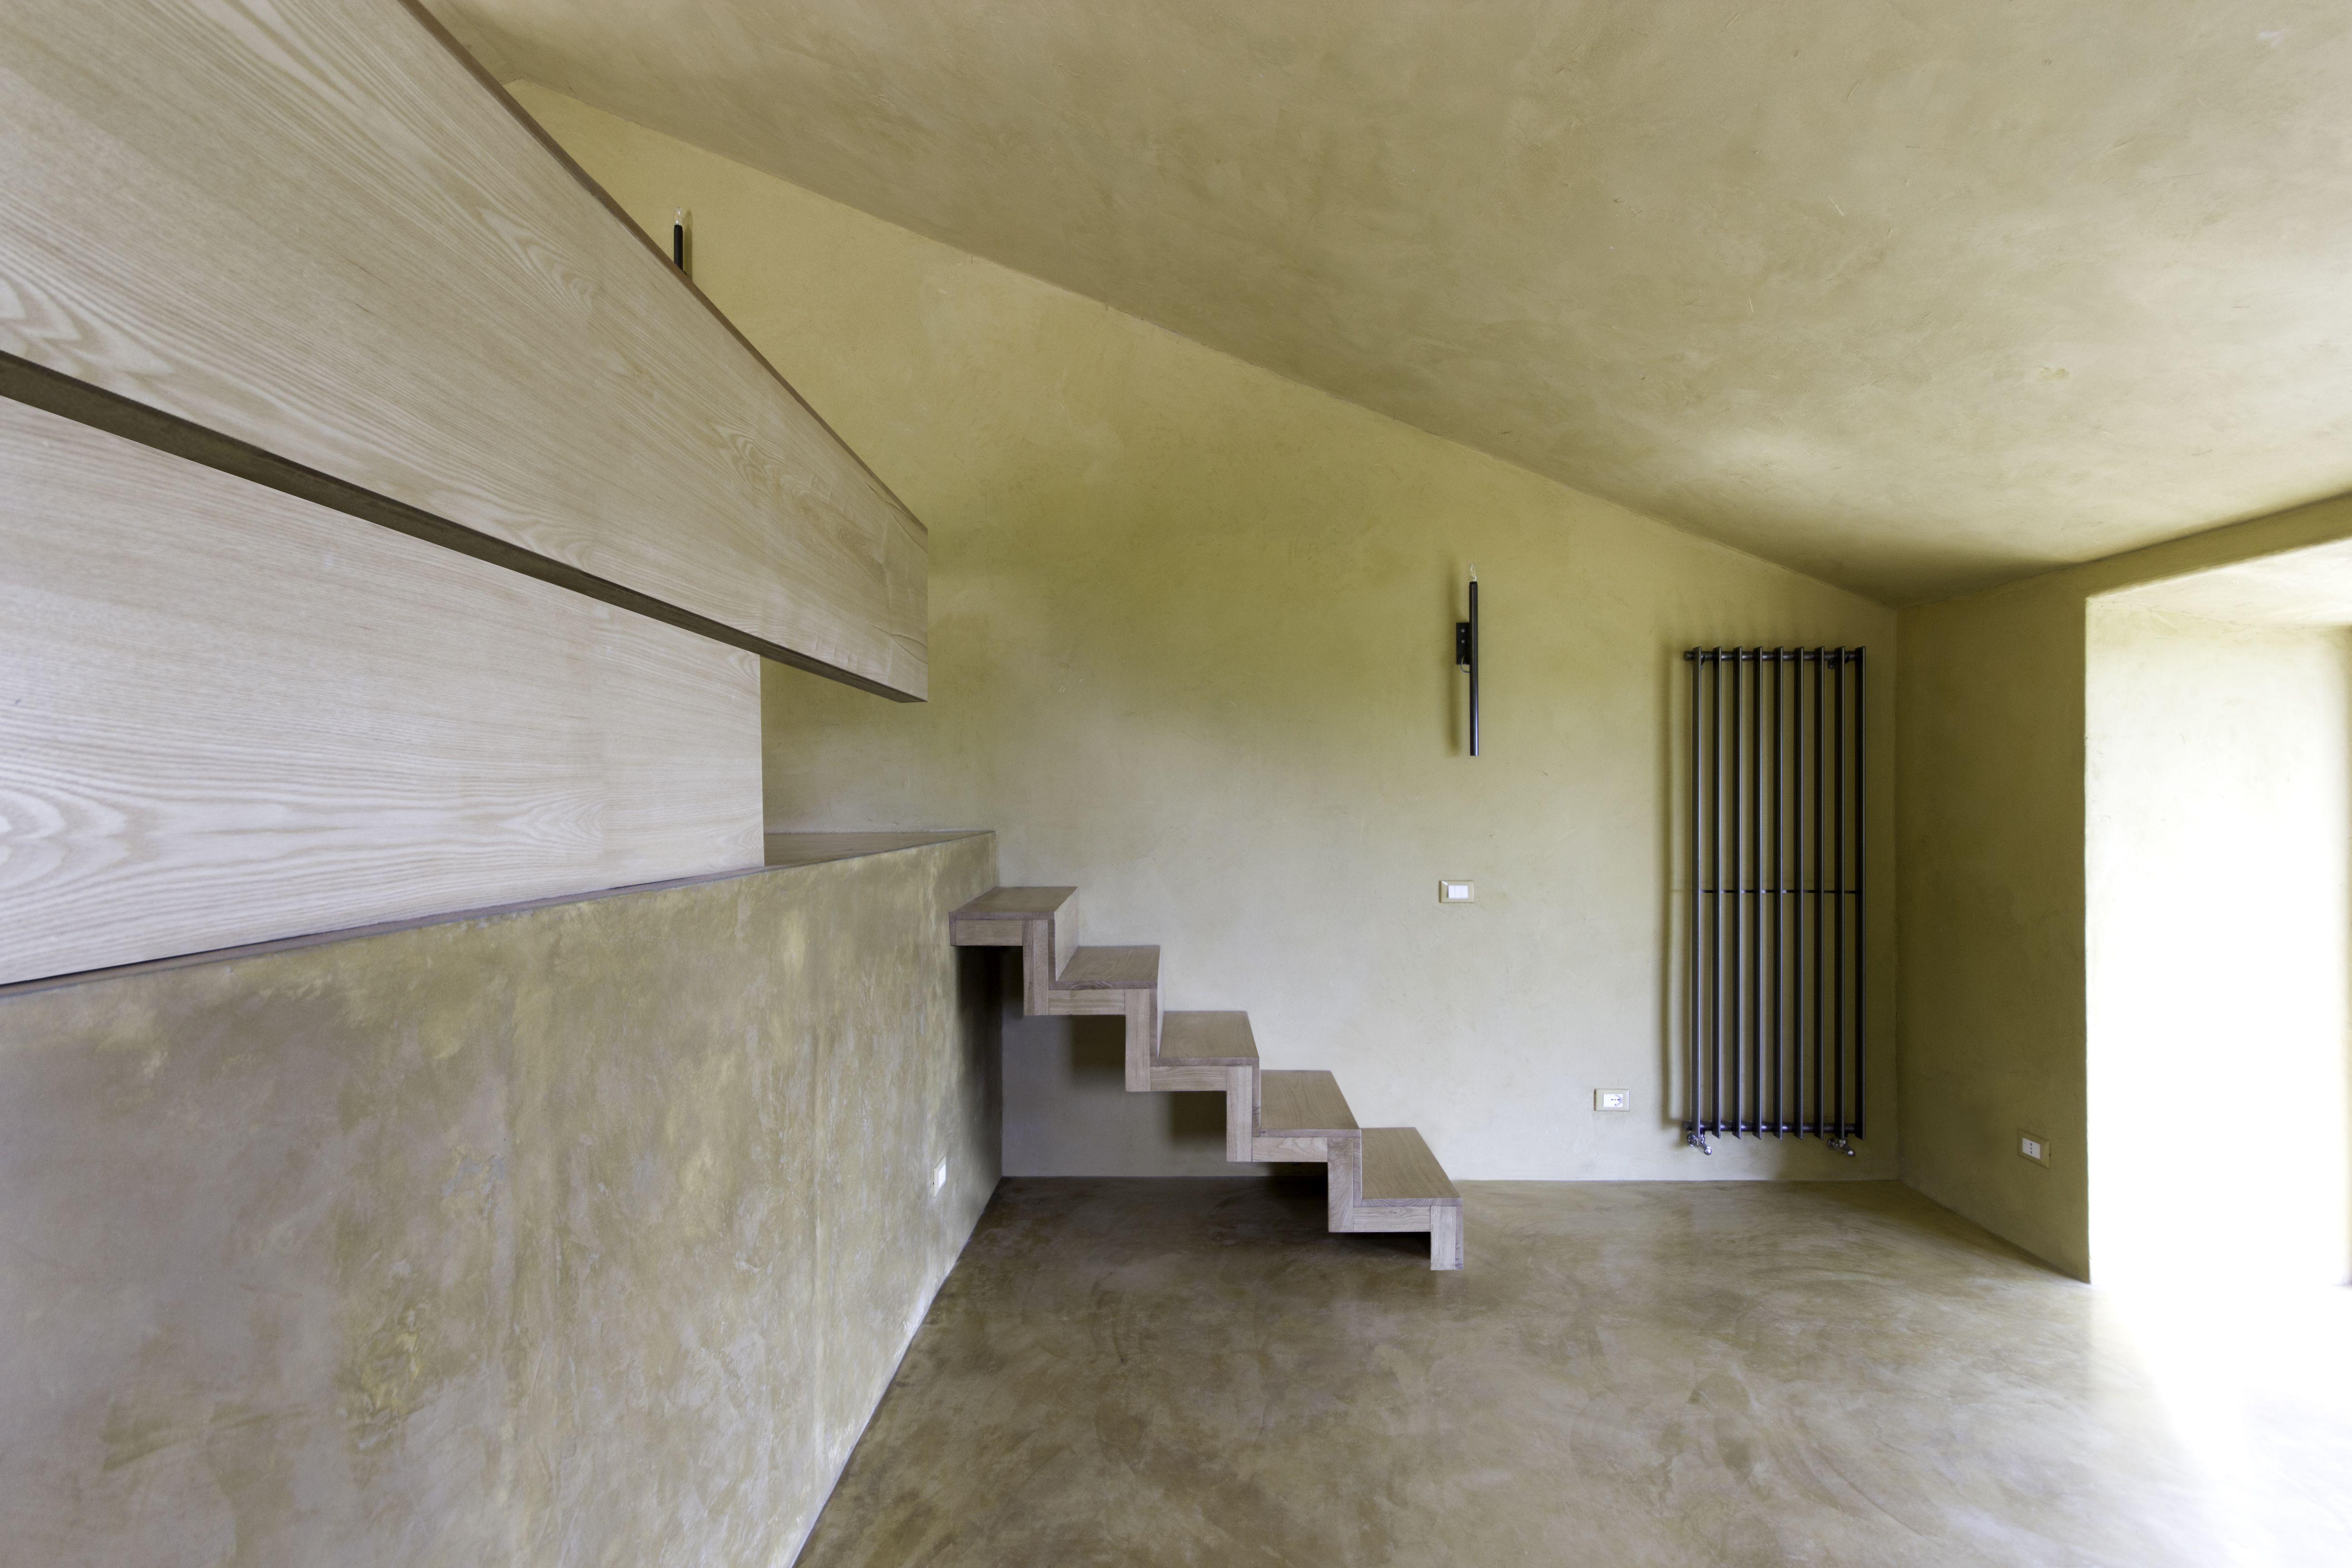 L'interno della casa di Pistoia con la scala di collegamento con il livello più alto dell'abitazione